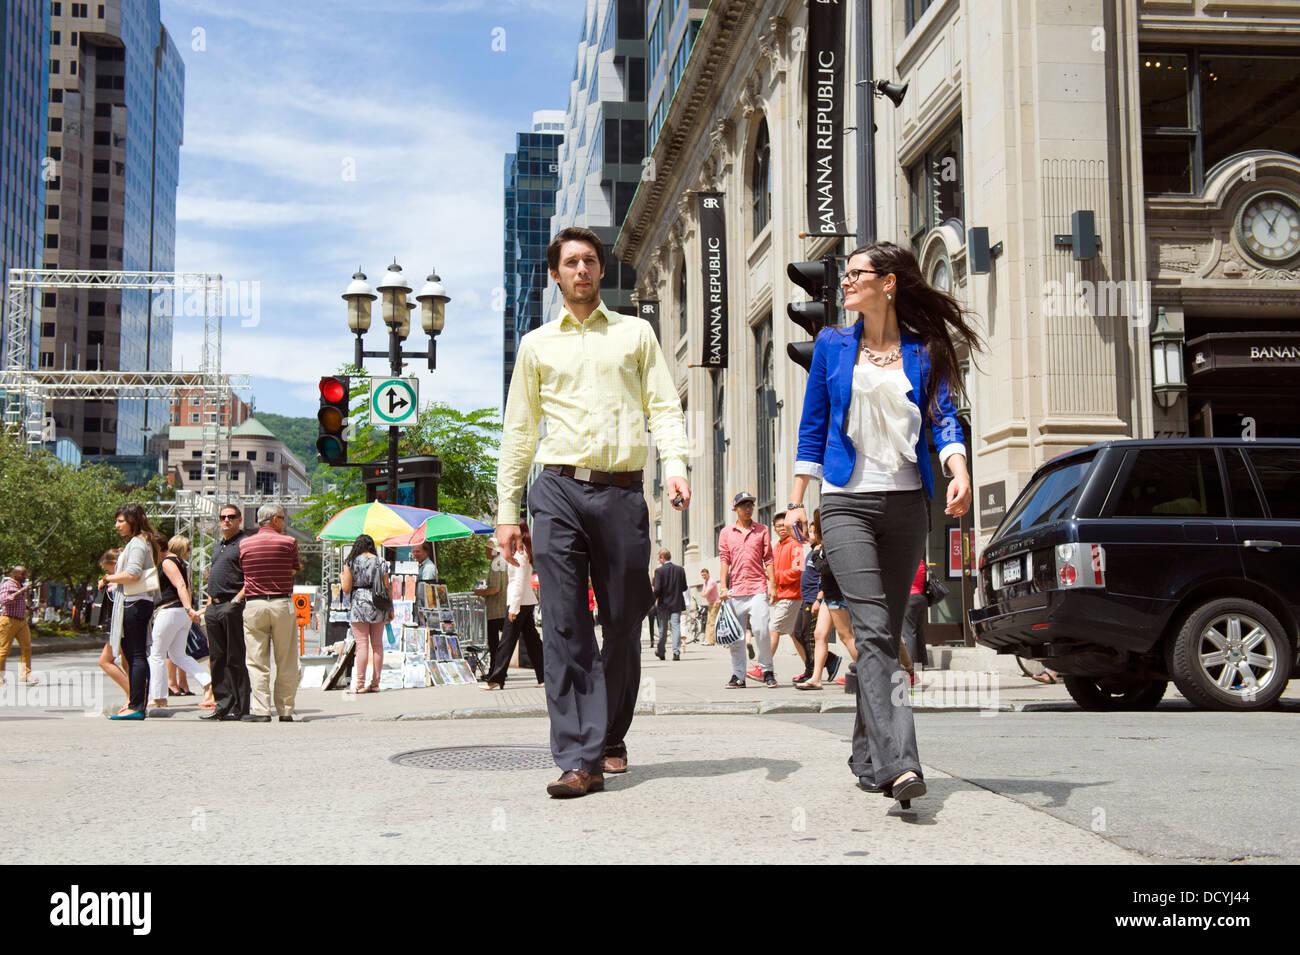 Les piétons qui traversent la rue, Montréal, province de Québec, Canada. Photo Stock